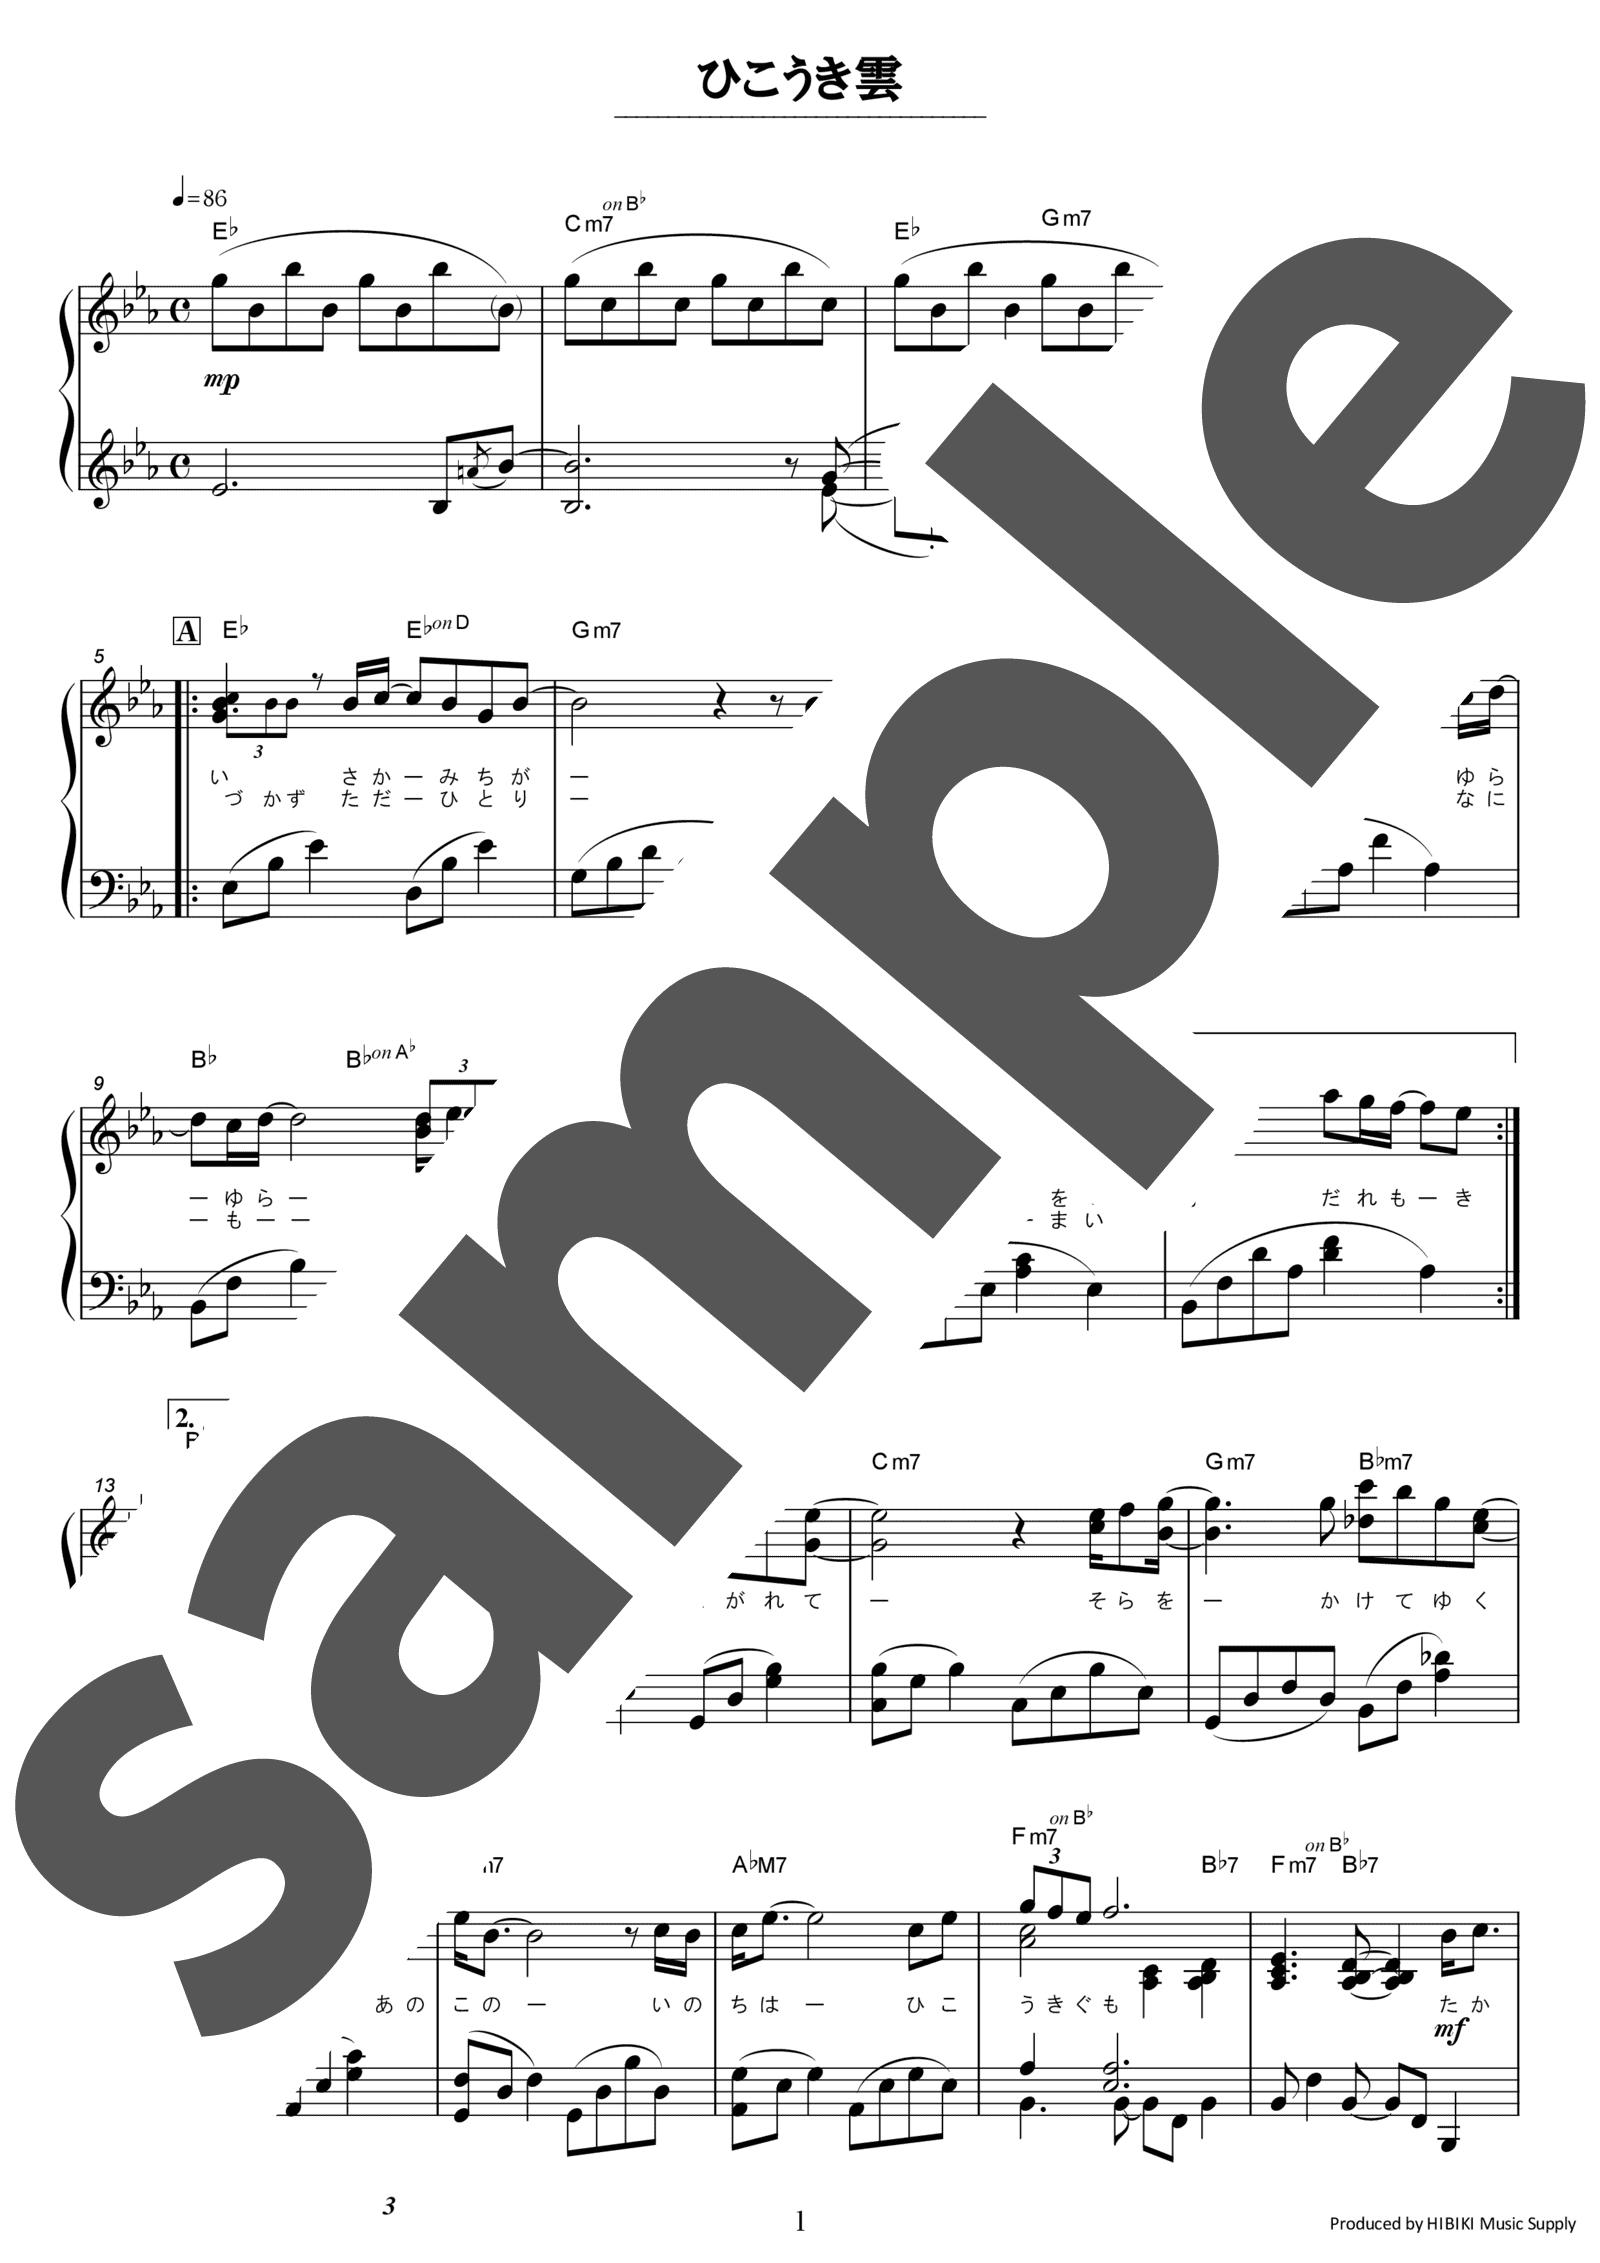 「ひこうき雲」のサンプル楽譜